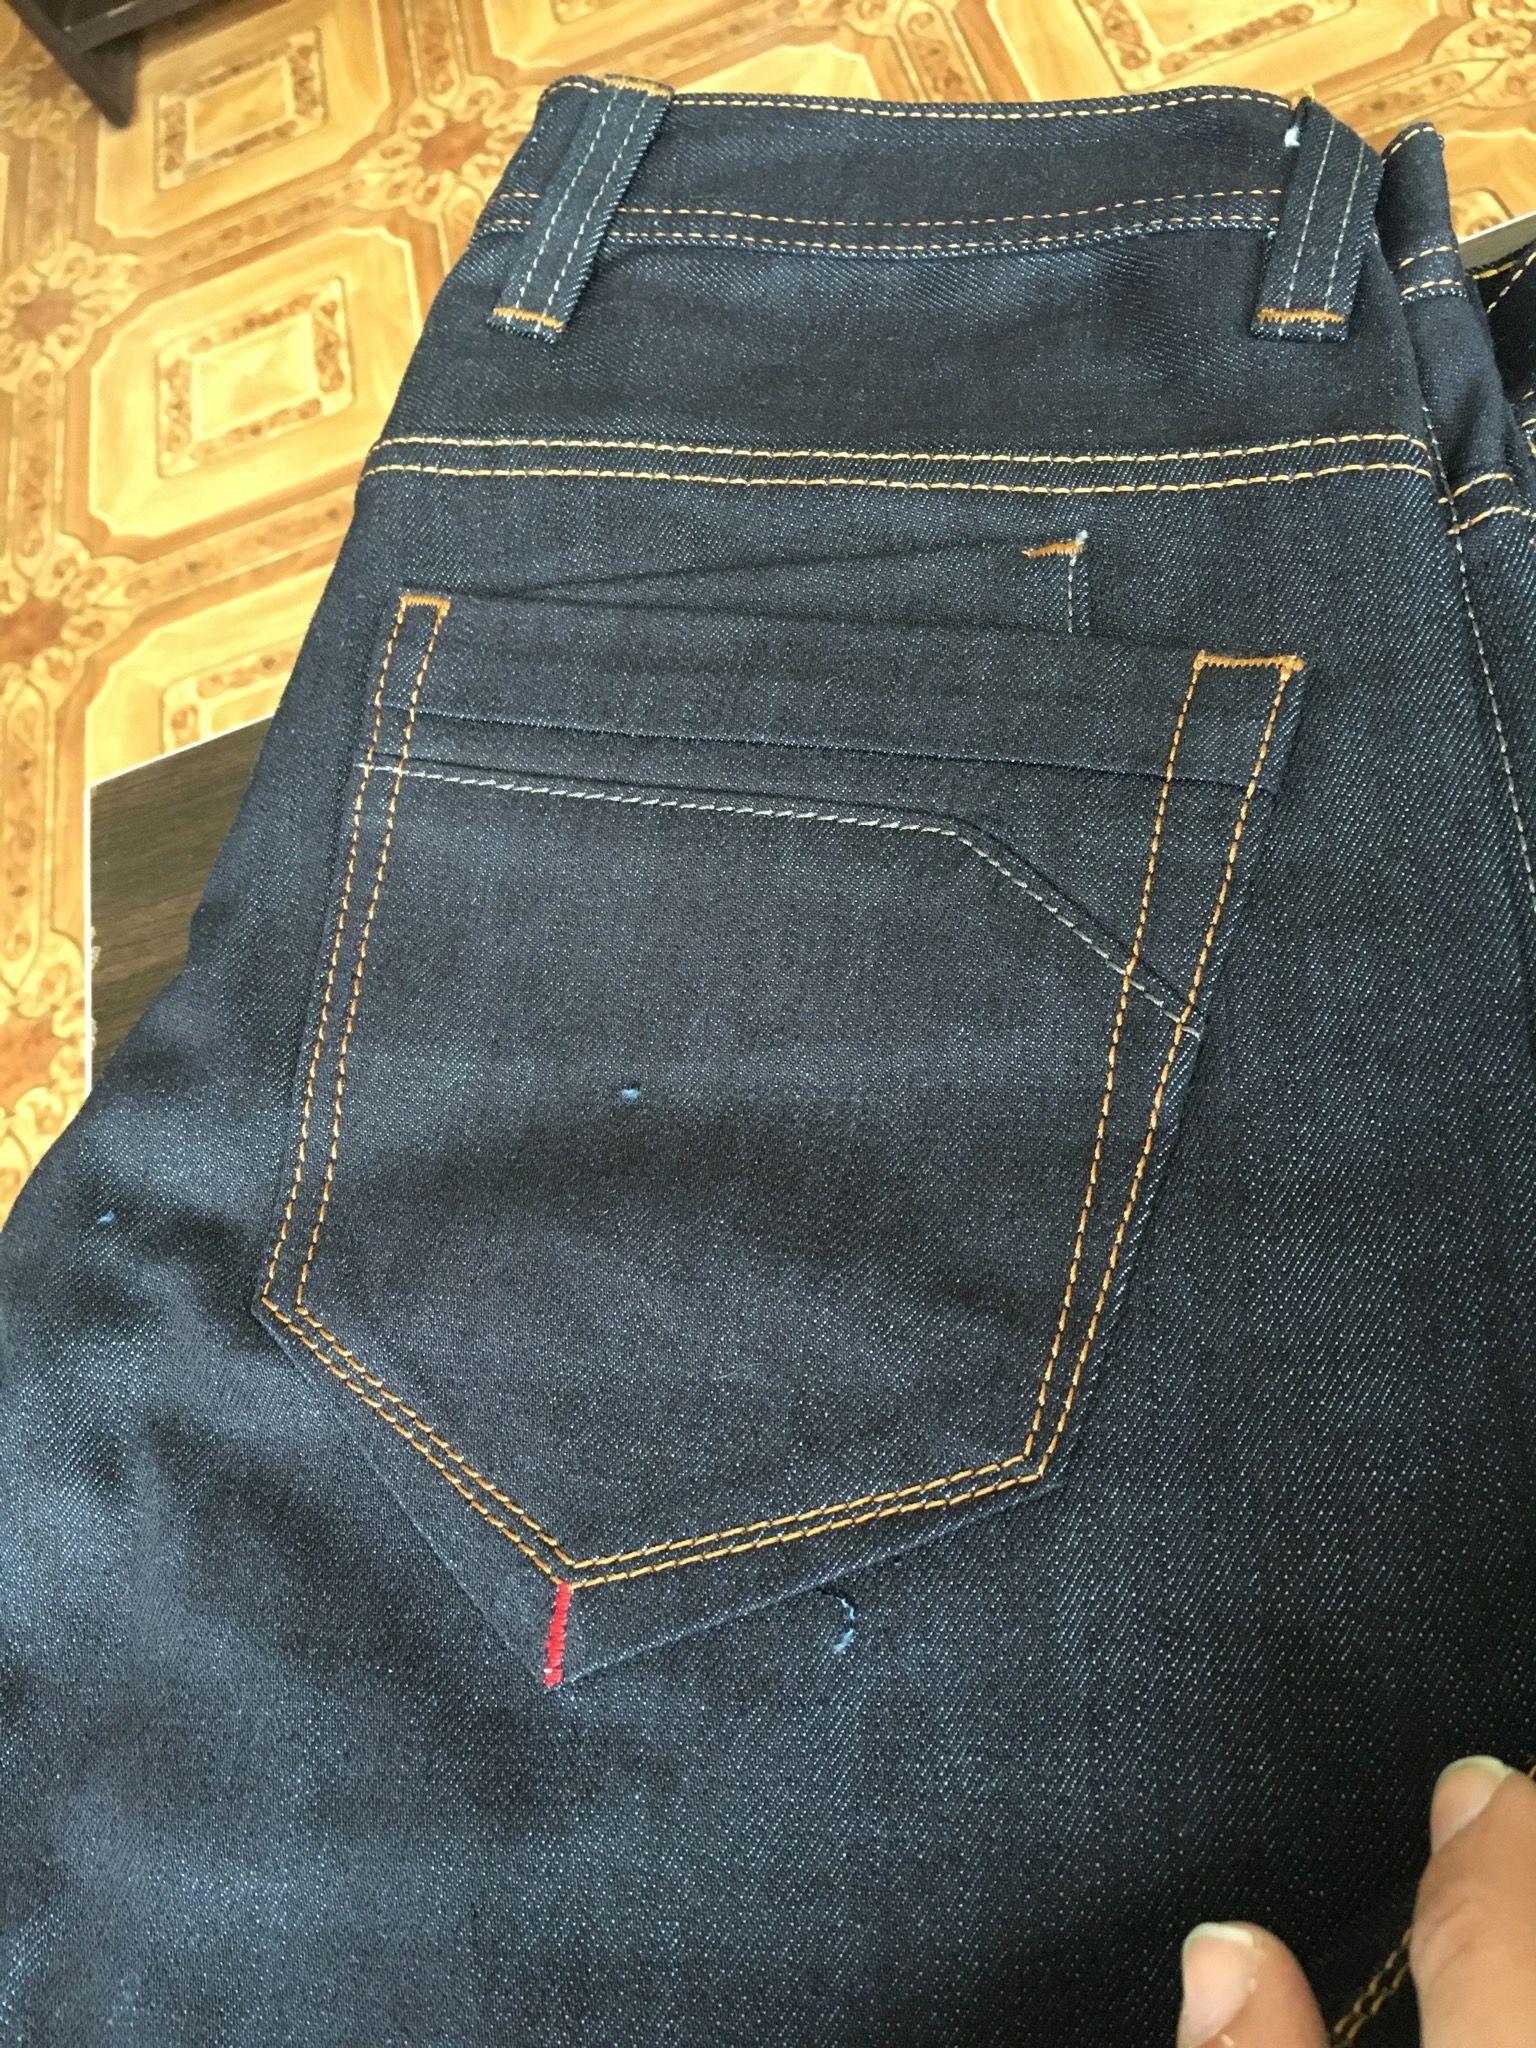 Bolsillo A Trabajar Clasico Azul Mera 1 Pantalones De Hombre Moda Pantalones De Hombre Jeans Pantalones De Hombre